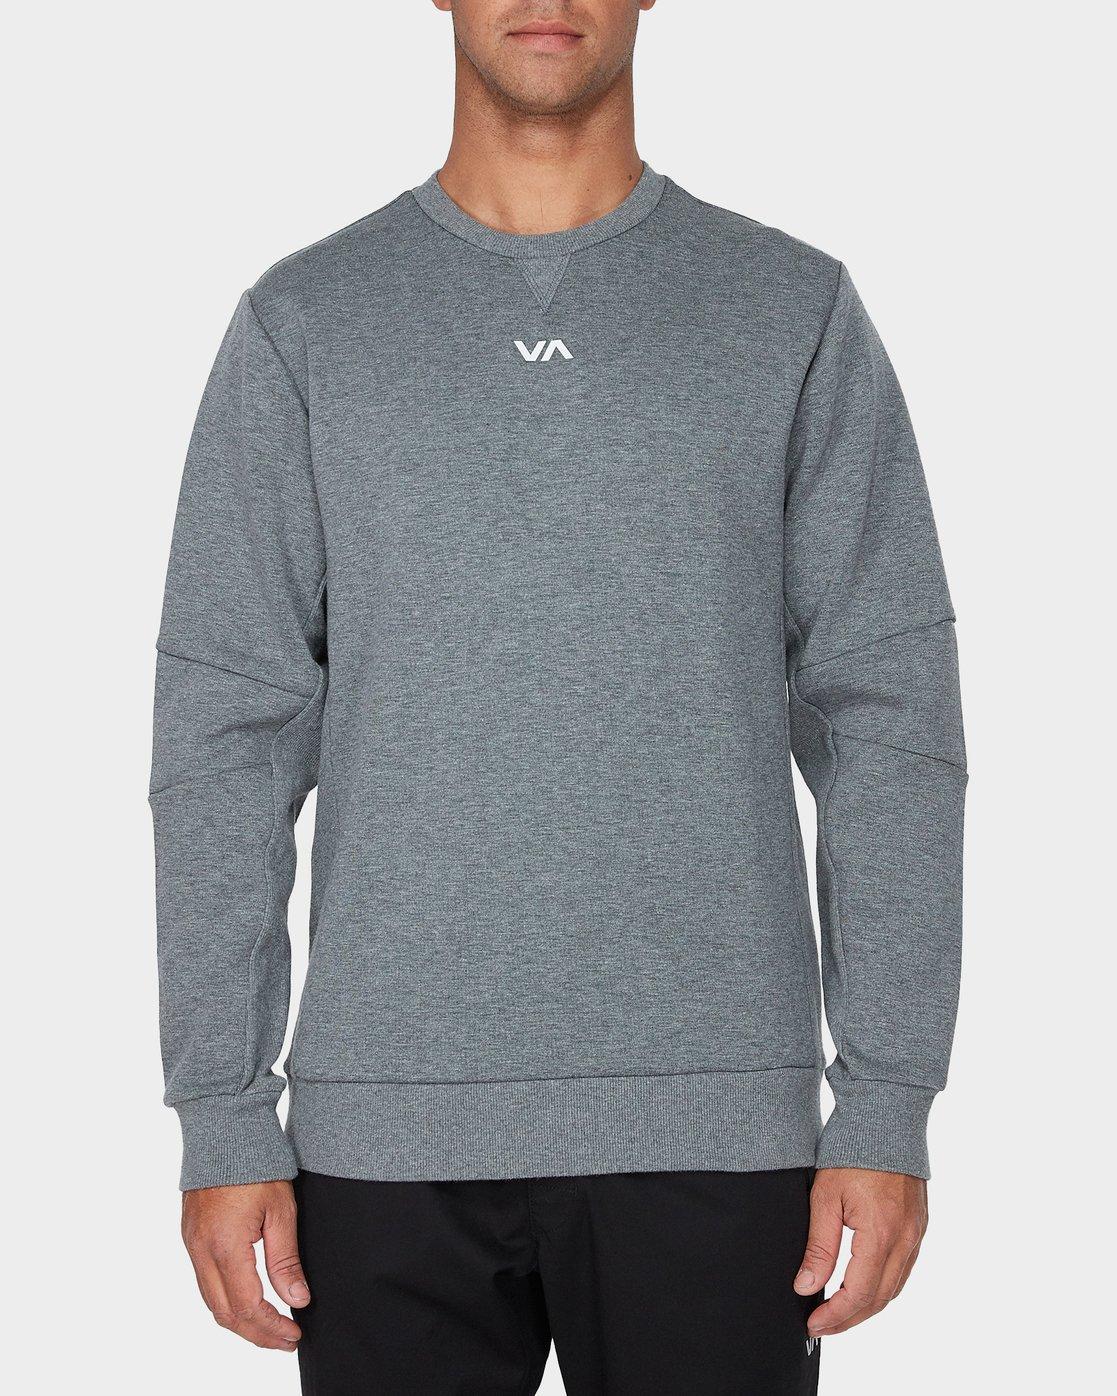 0 Sideline Sweatshirt Grey R393161 RVCA